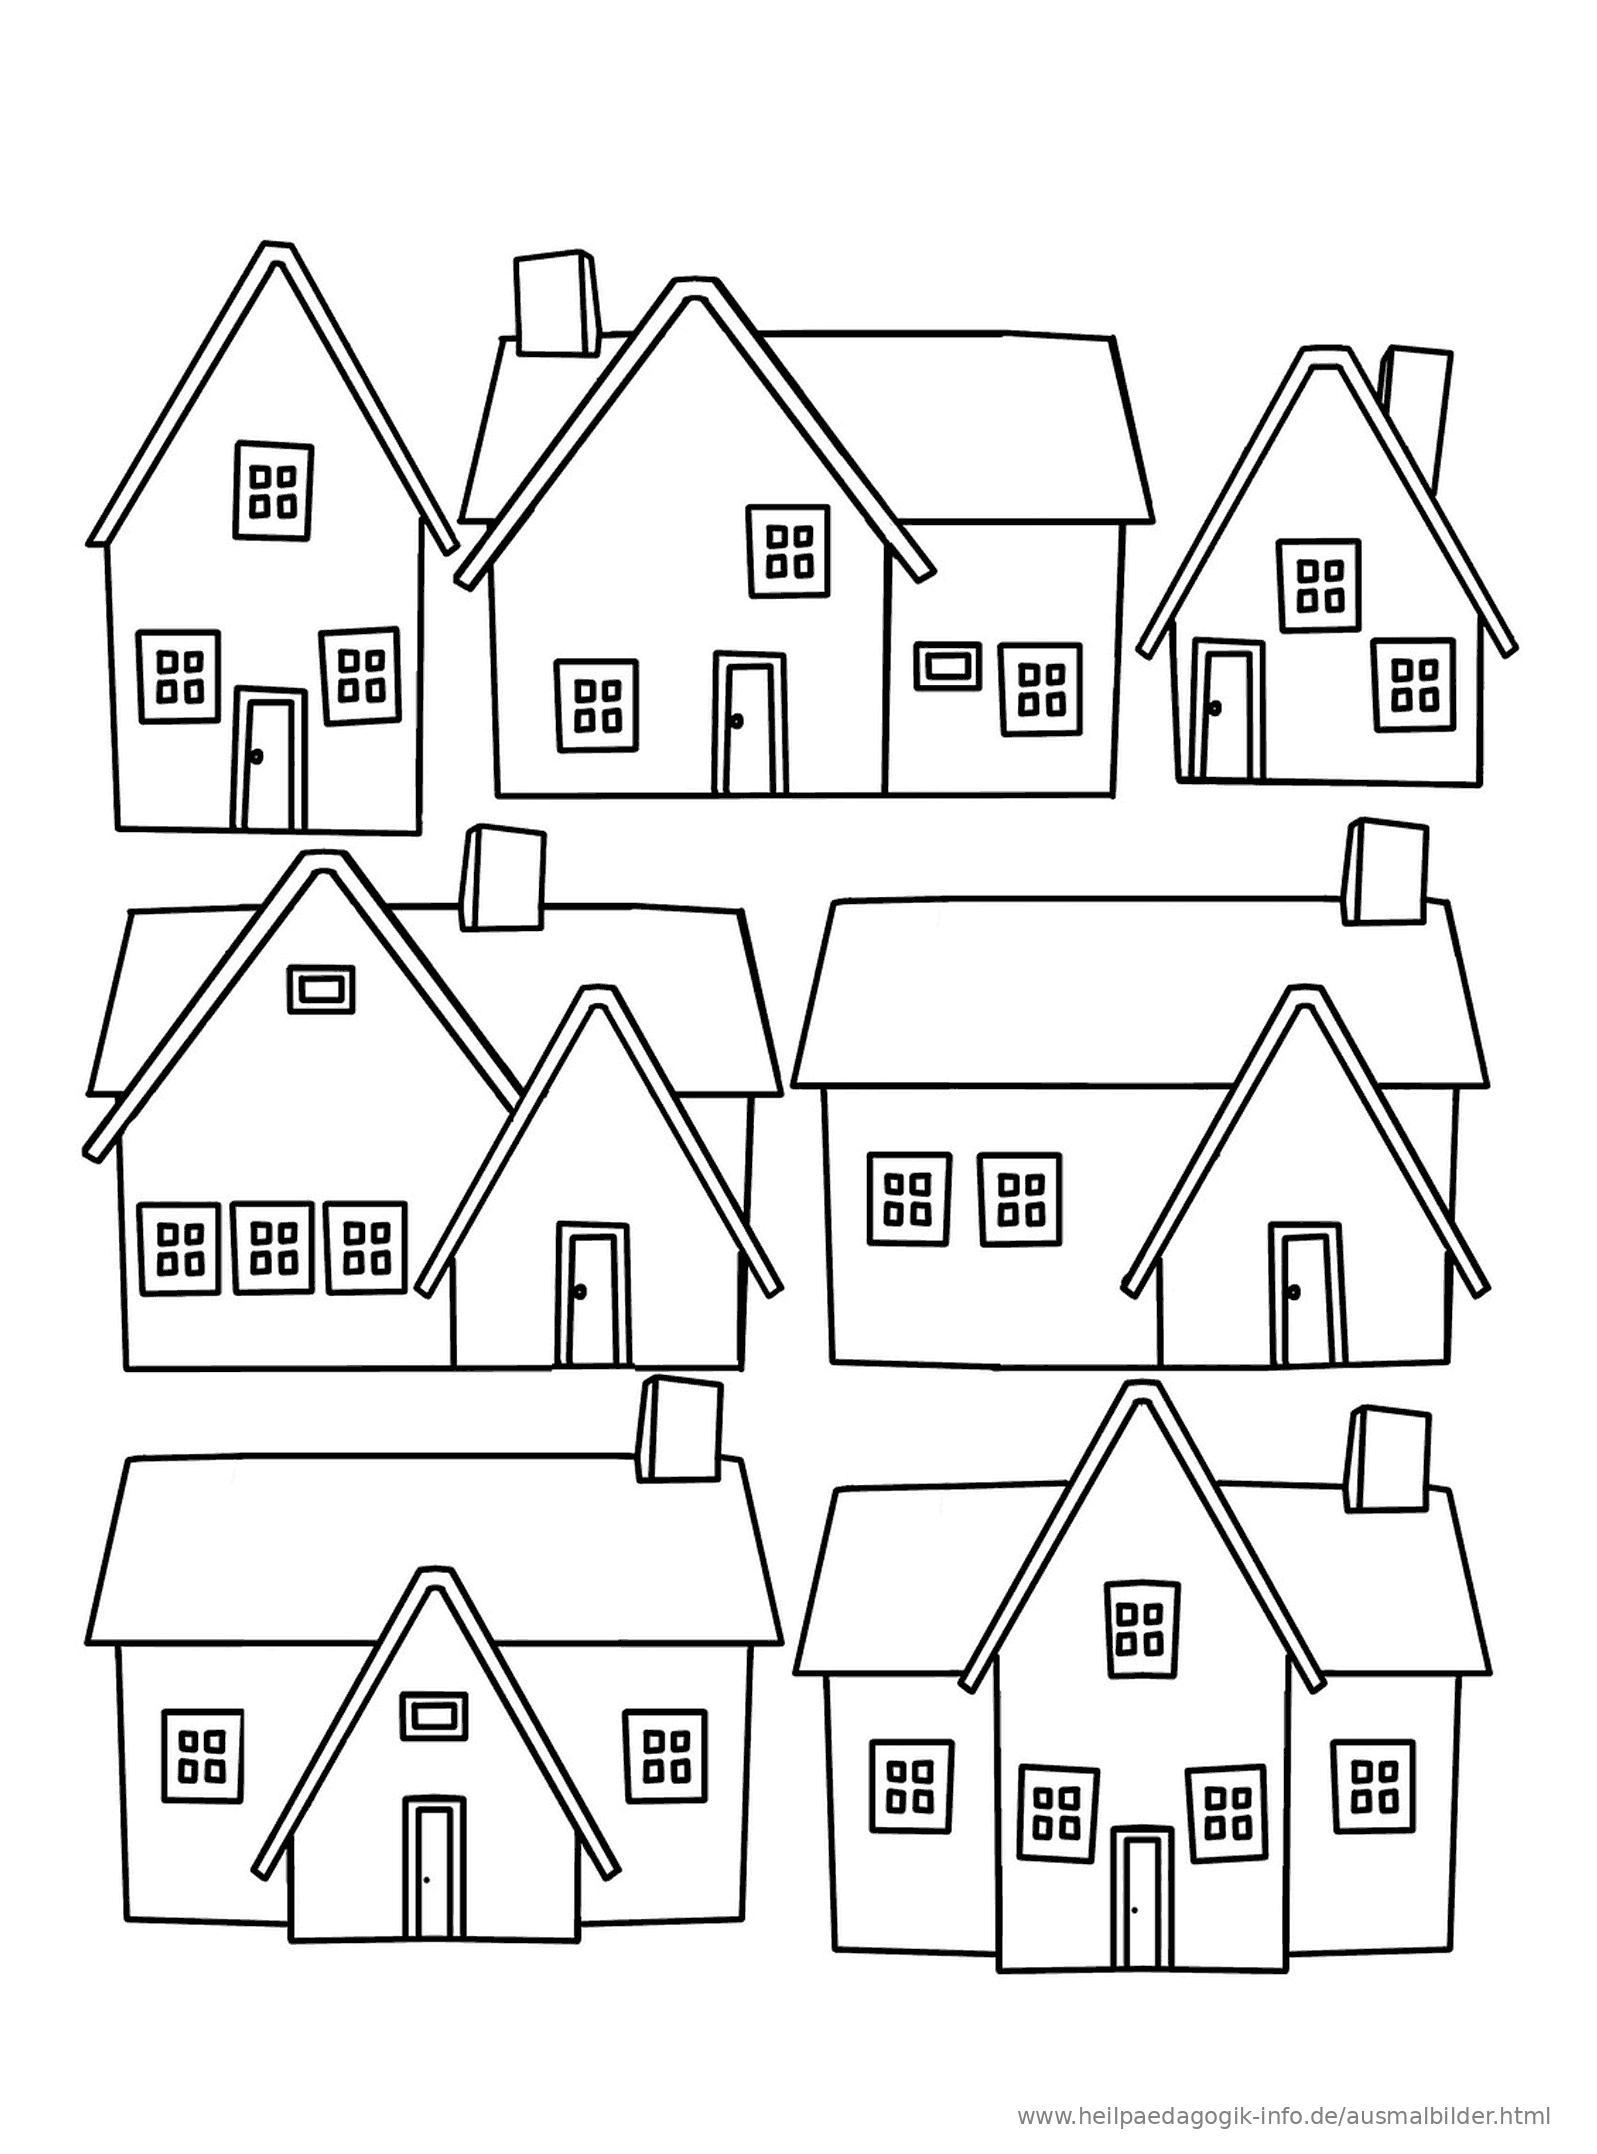 Ausmalbild Häuser Als PDF oder PNG anzeigen